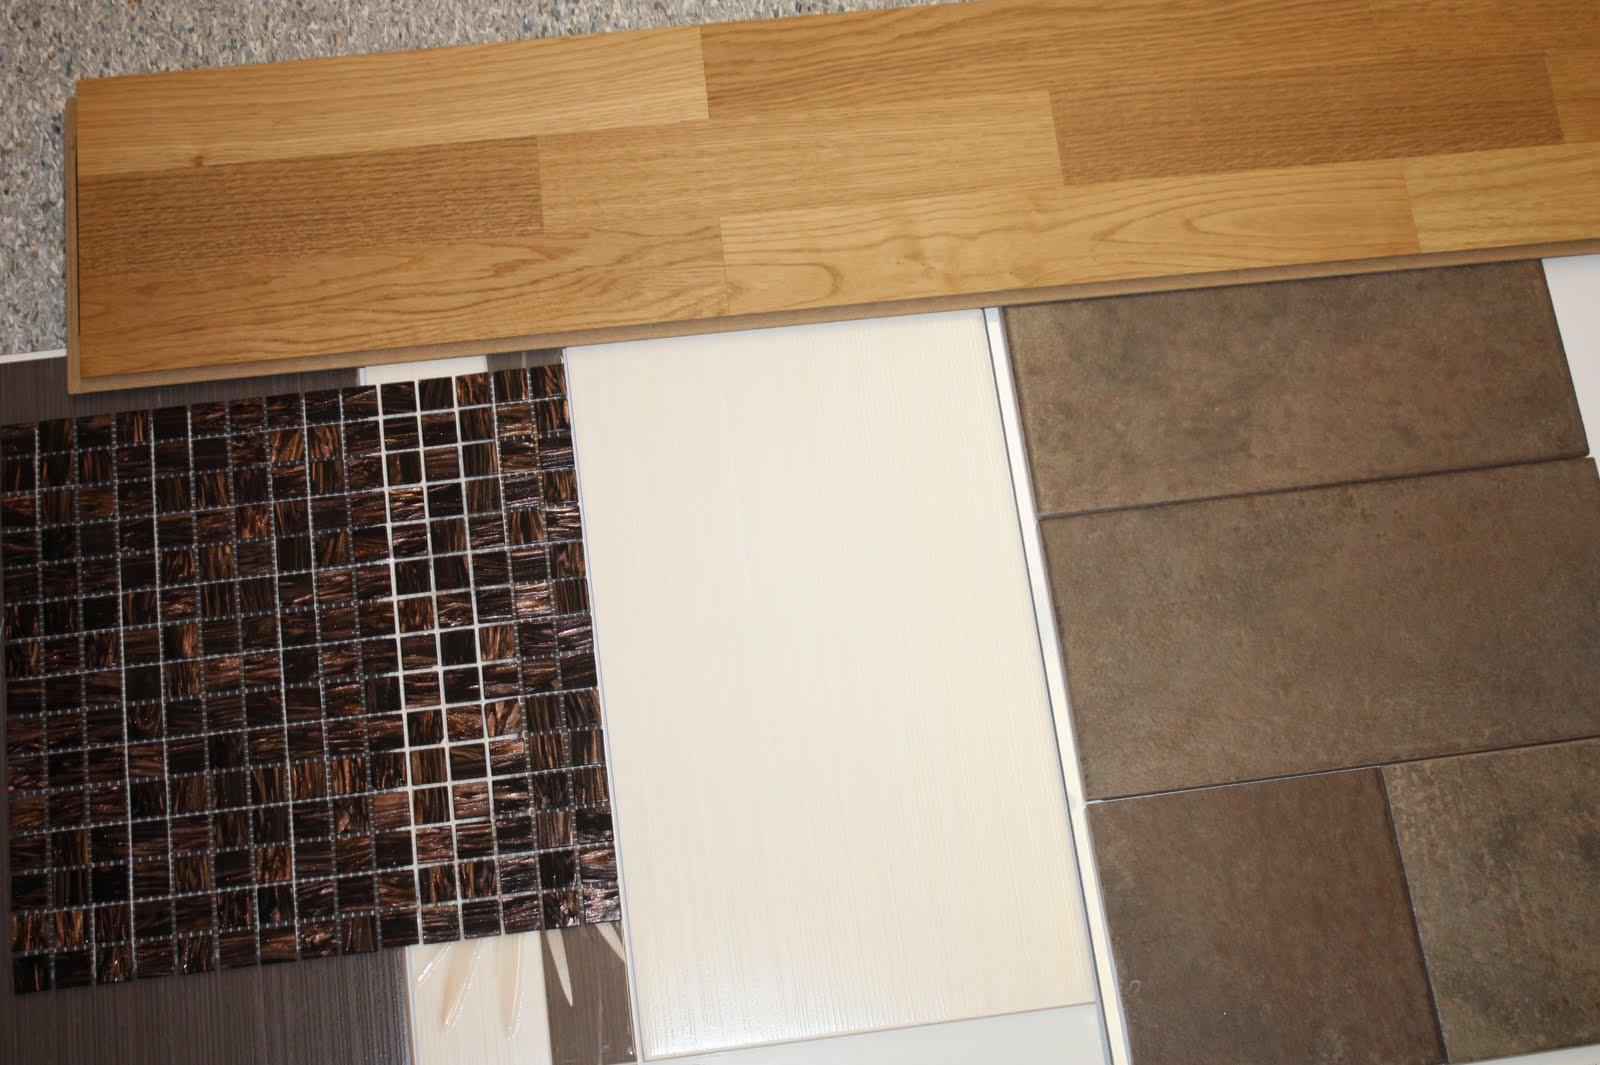 5adf54aa06b Just nu lutar det åt ett mörkare golv, vita, matta plattor på väggen och ev  mosaiken i hela duschdelen. Möblerna i ek! Det kan nog bli ...